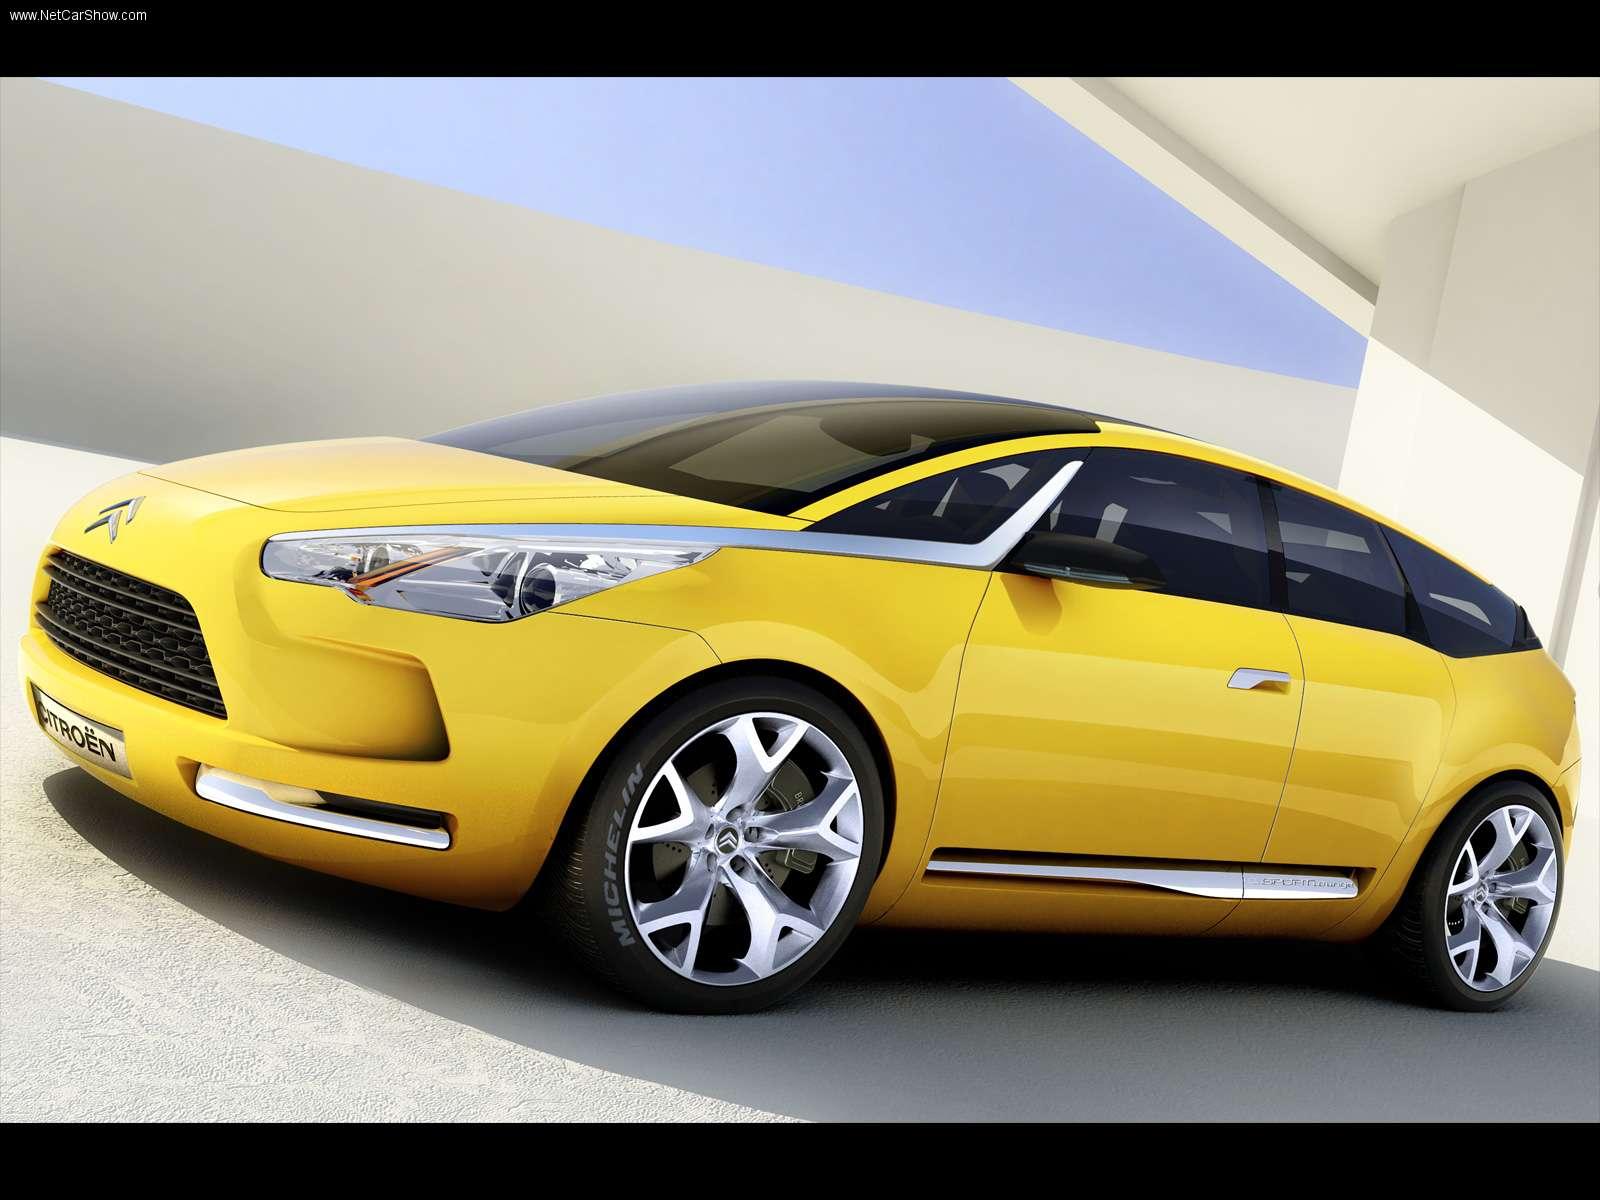 automotive wallpaper concept cars part ii wallpaper. Black Bedroom Furniture Sets. Home Design Ideas